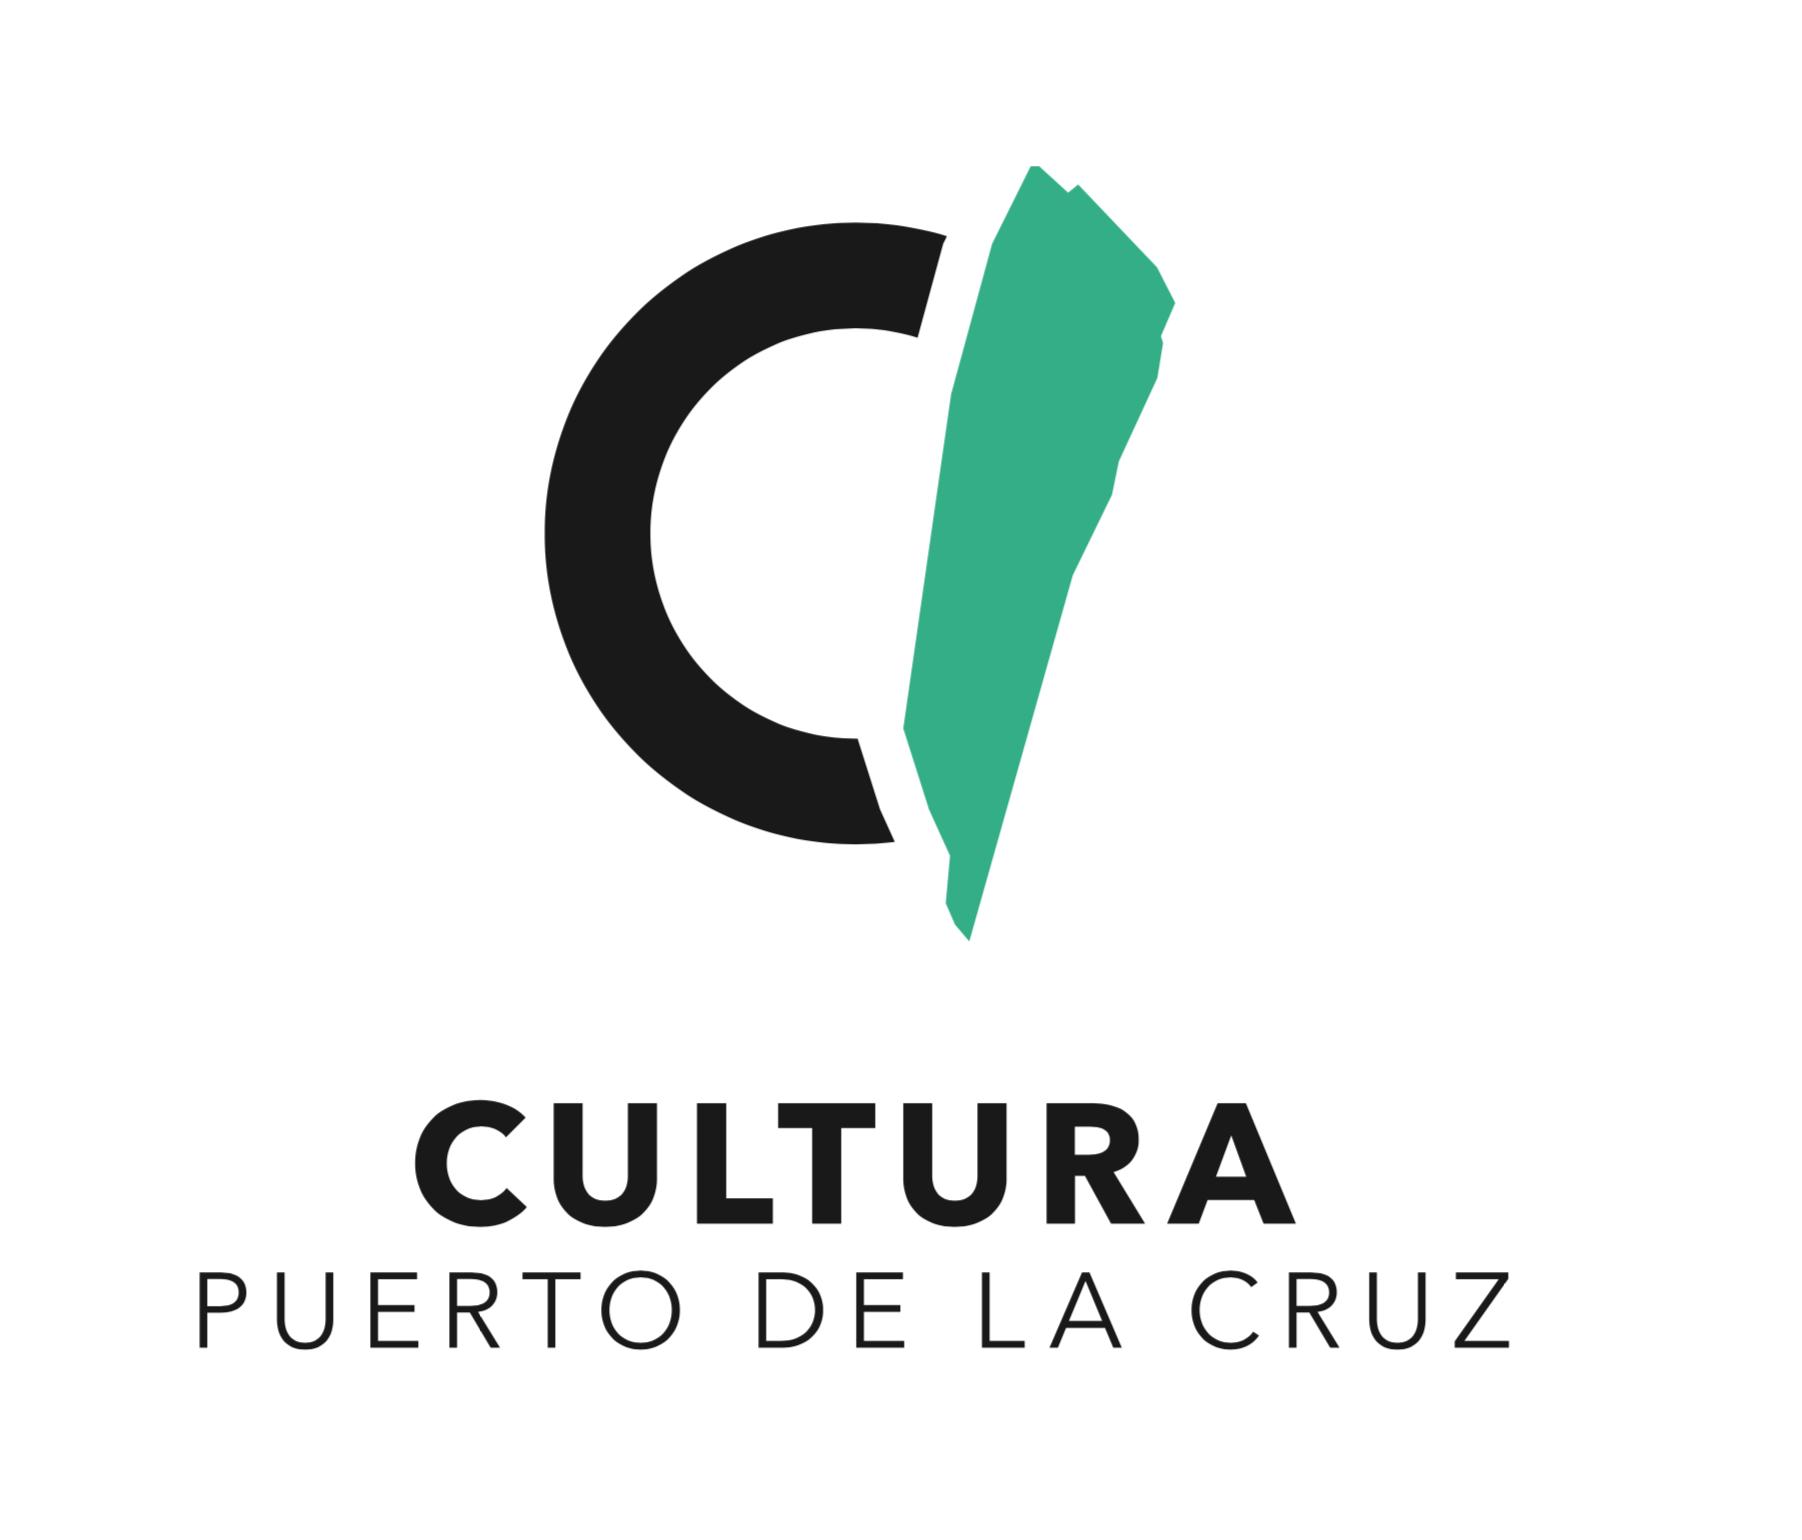 Cultura Puerto de La Cruz.png